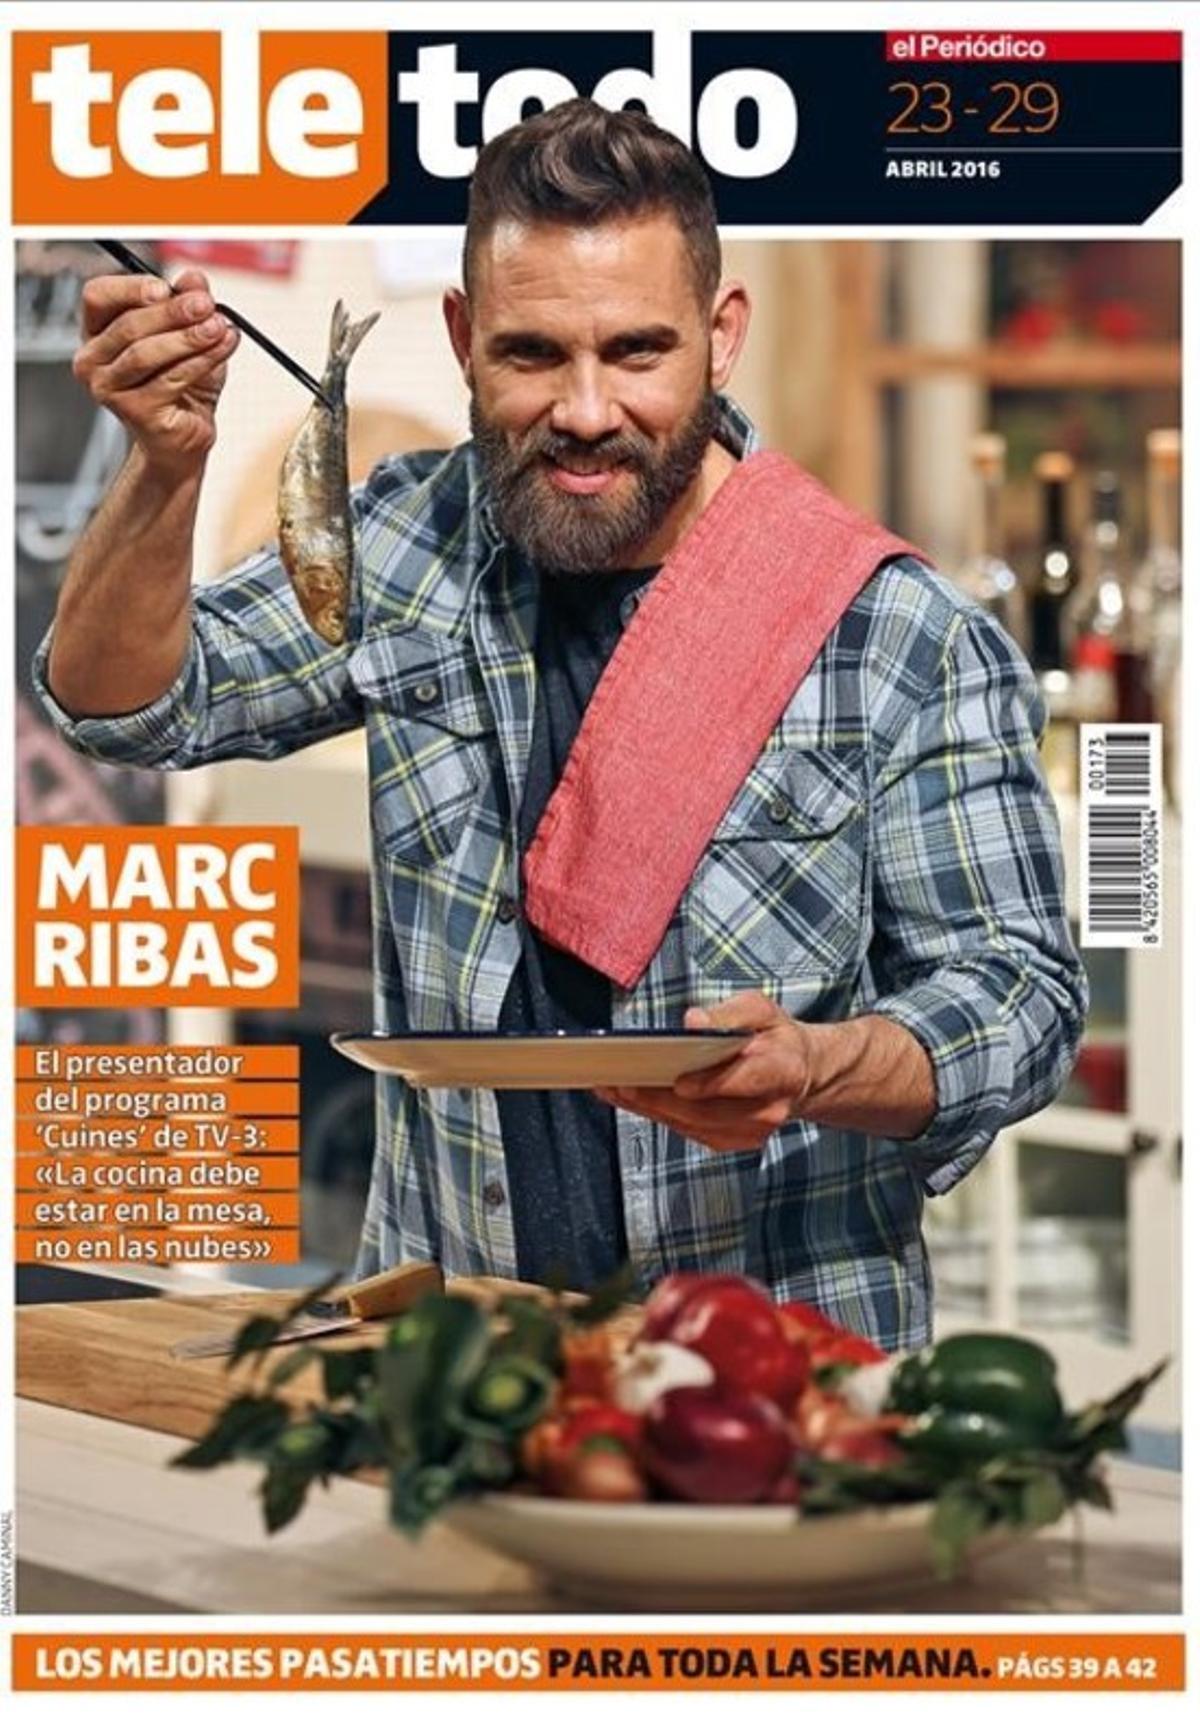 Portada de 'Teletodo' con el 'chef' de 'Cuines' (TV-3) Marc Ribas.